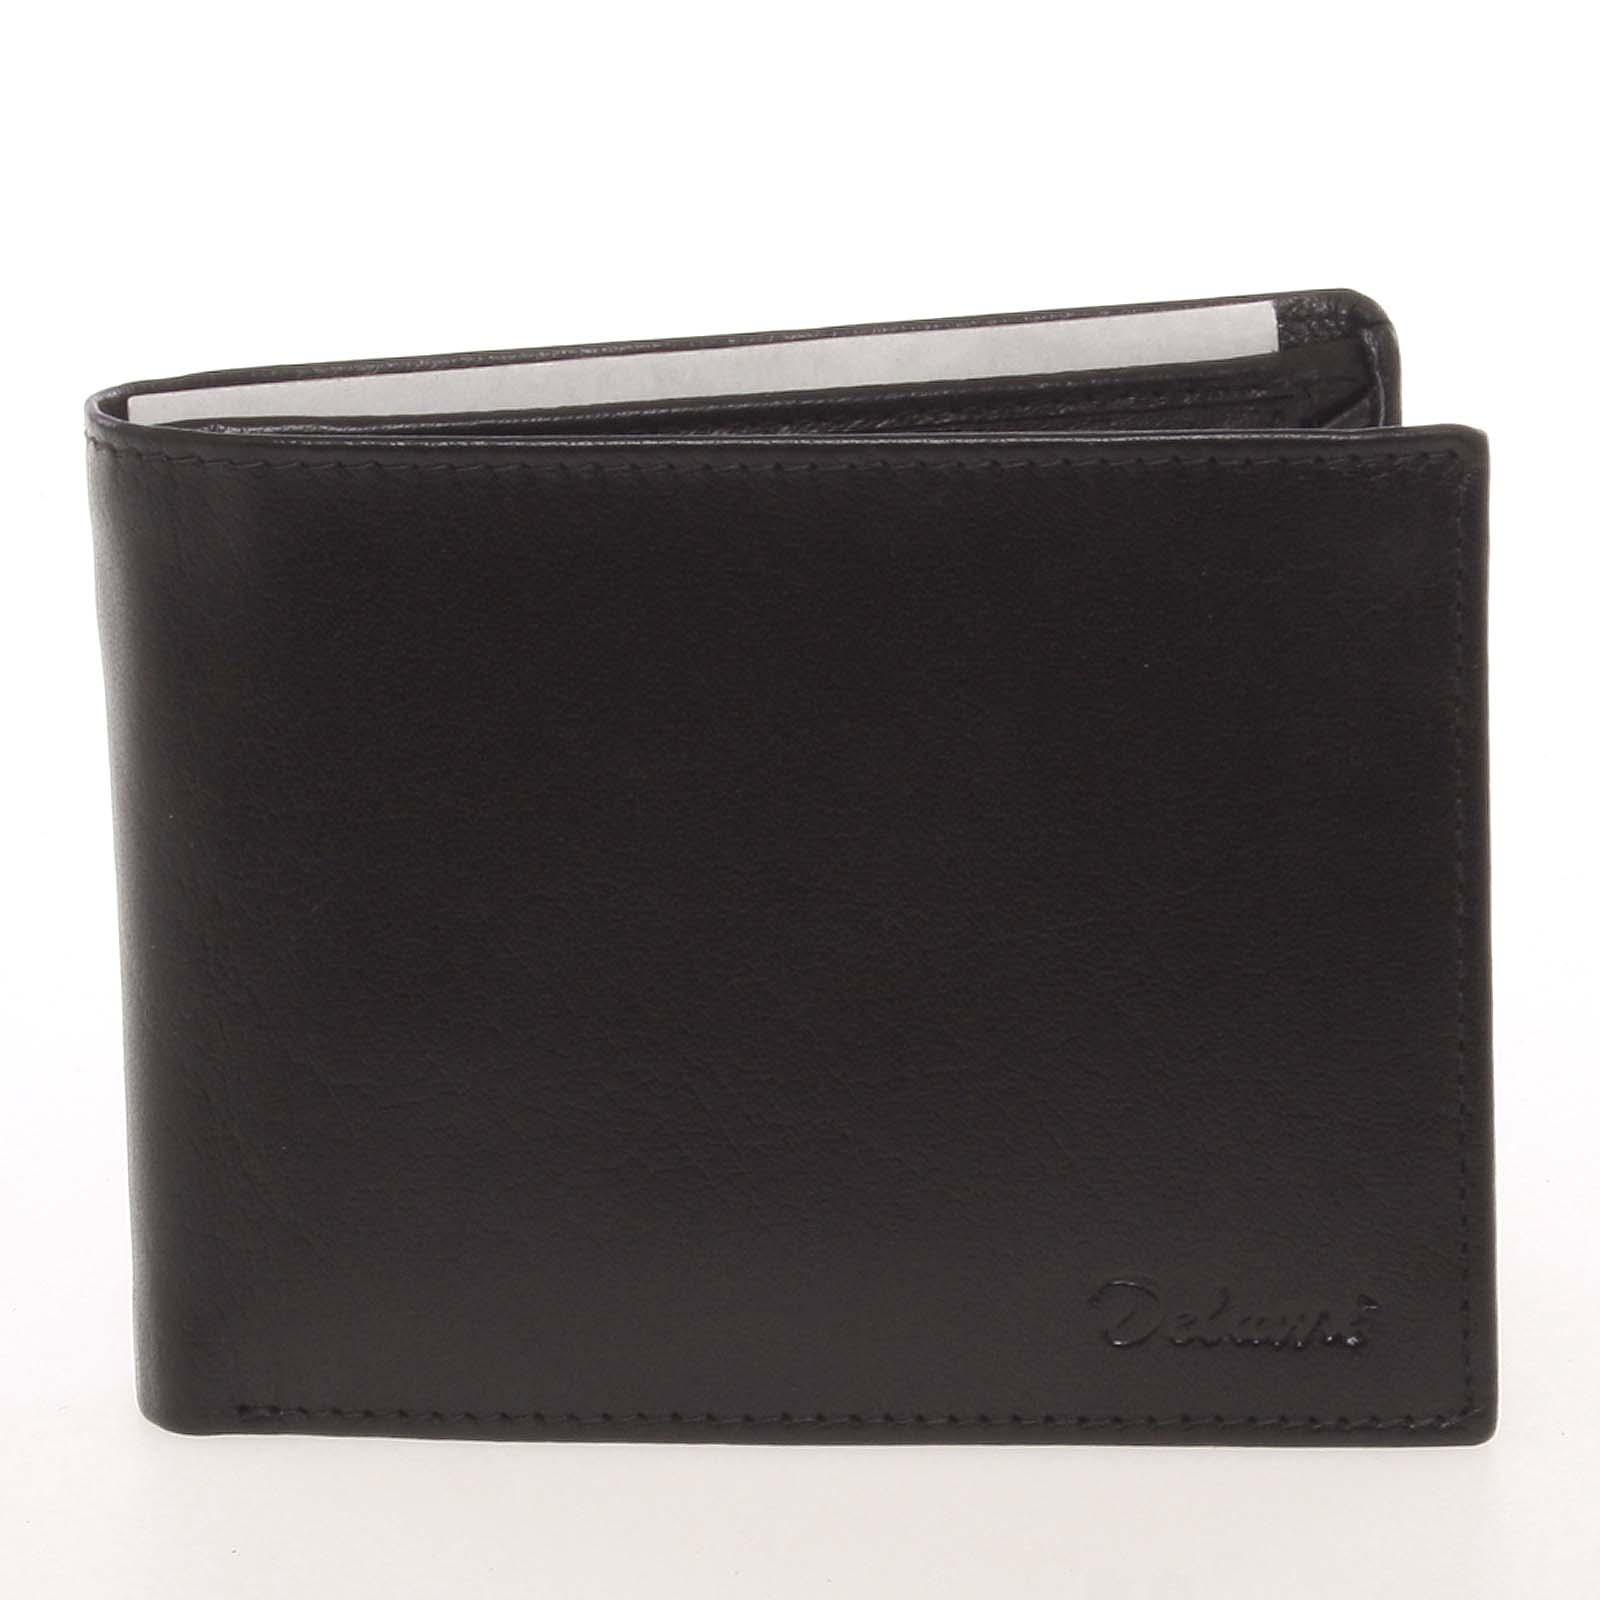 Pánská kožená černá peněženka - Delami Colbey